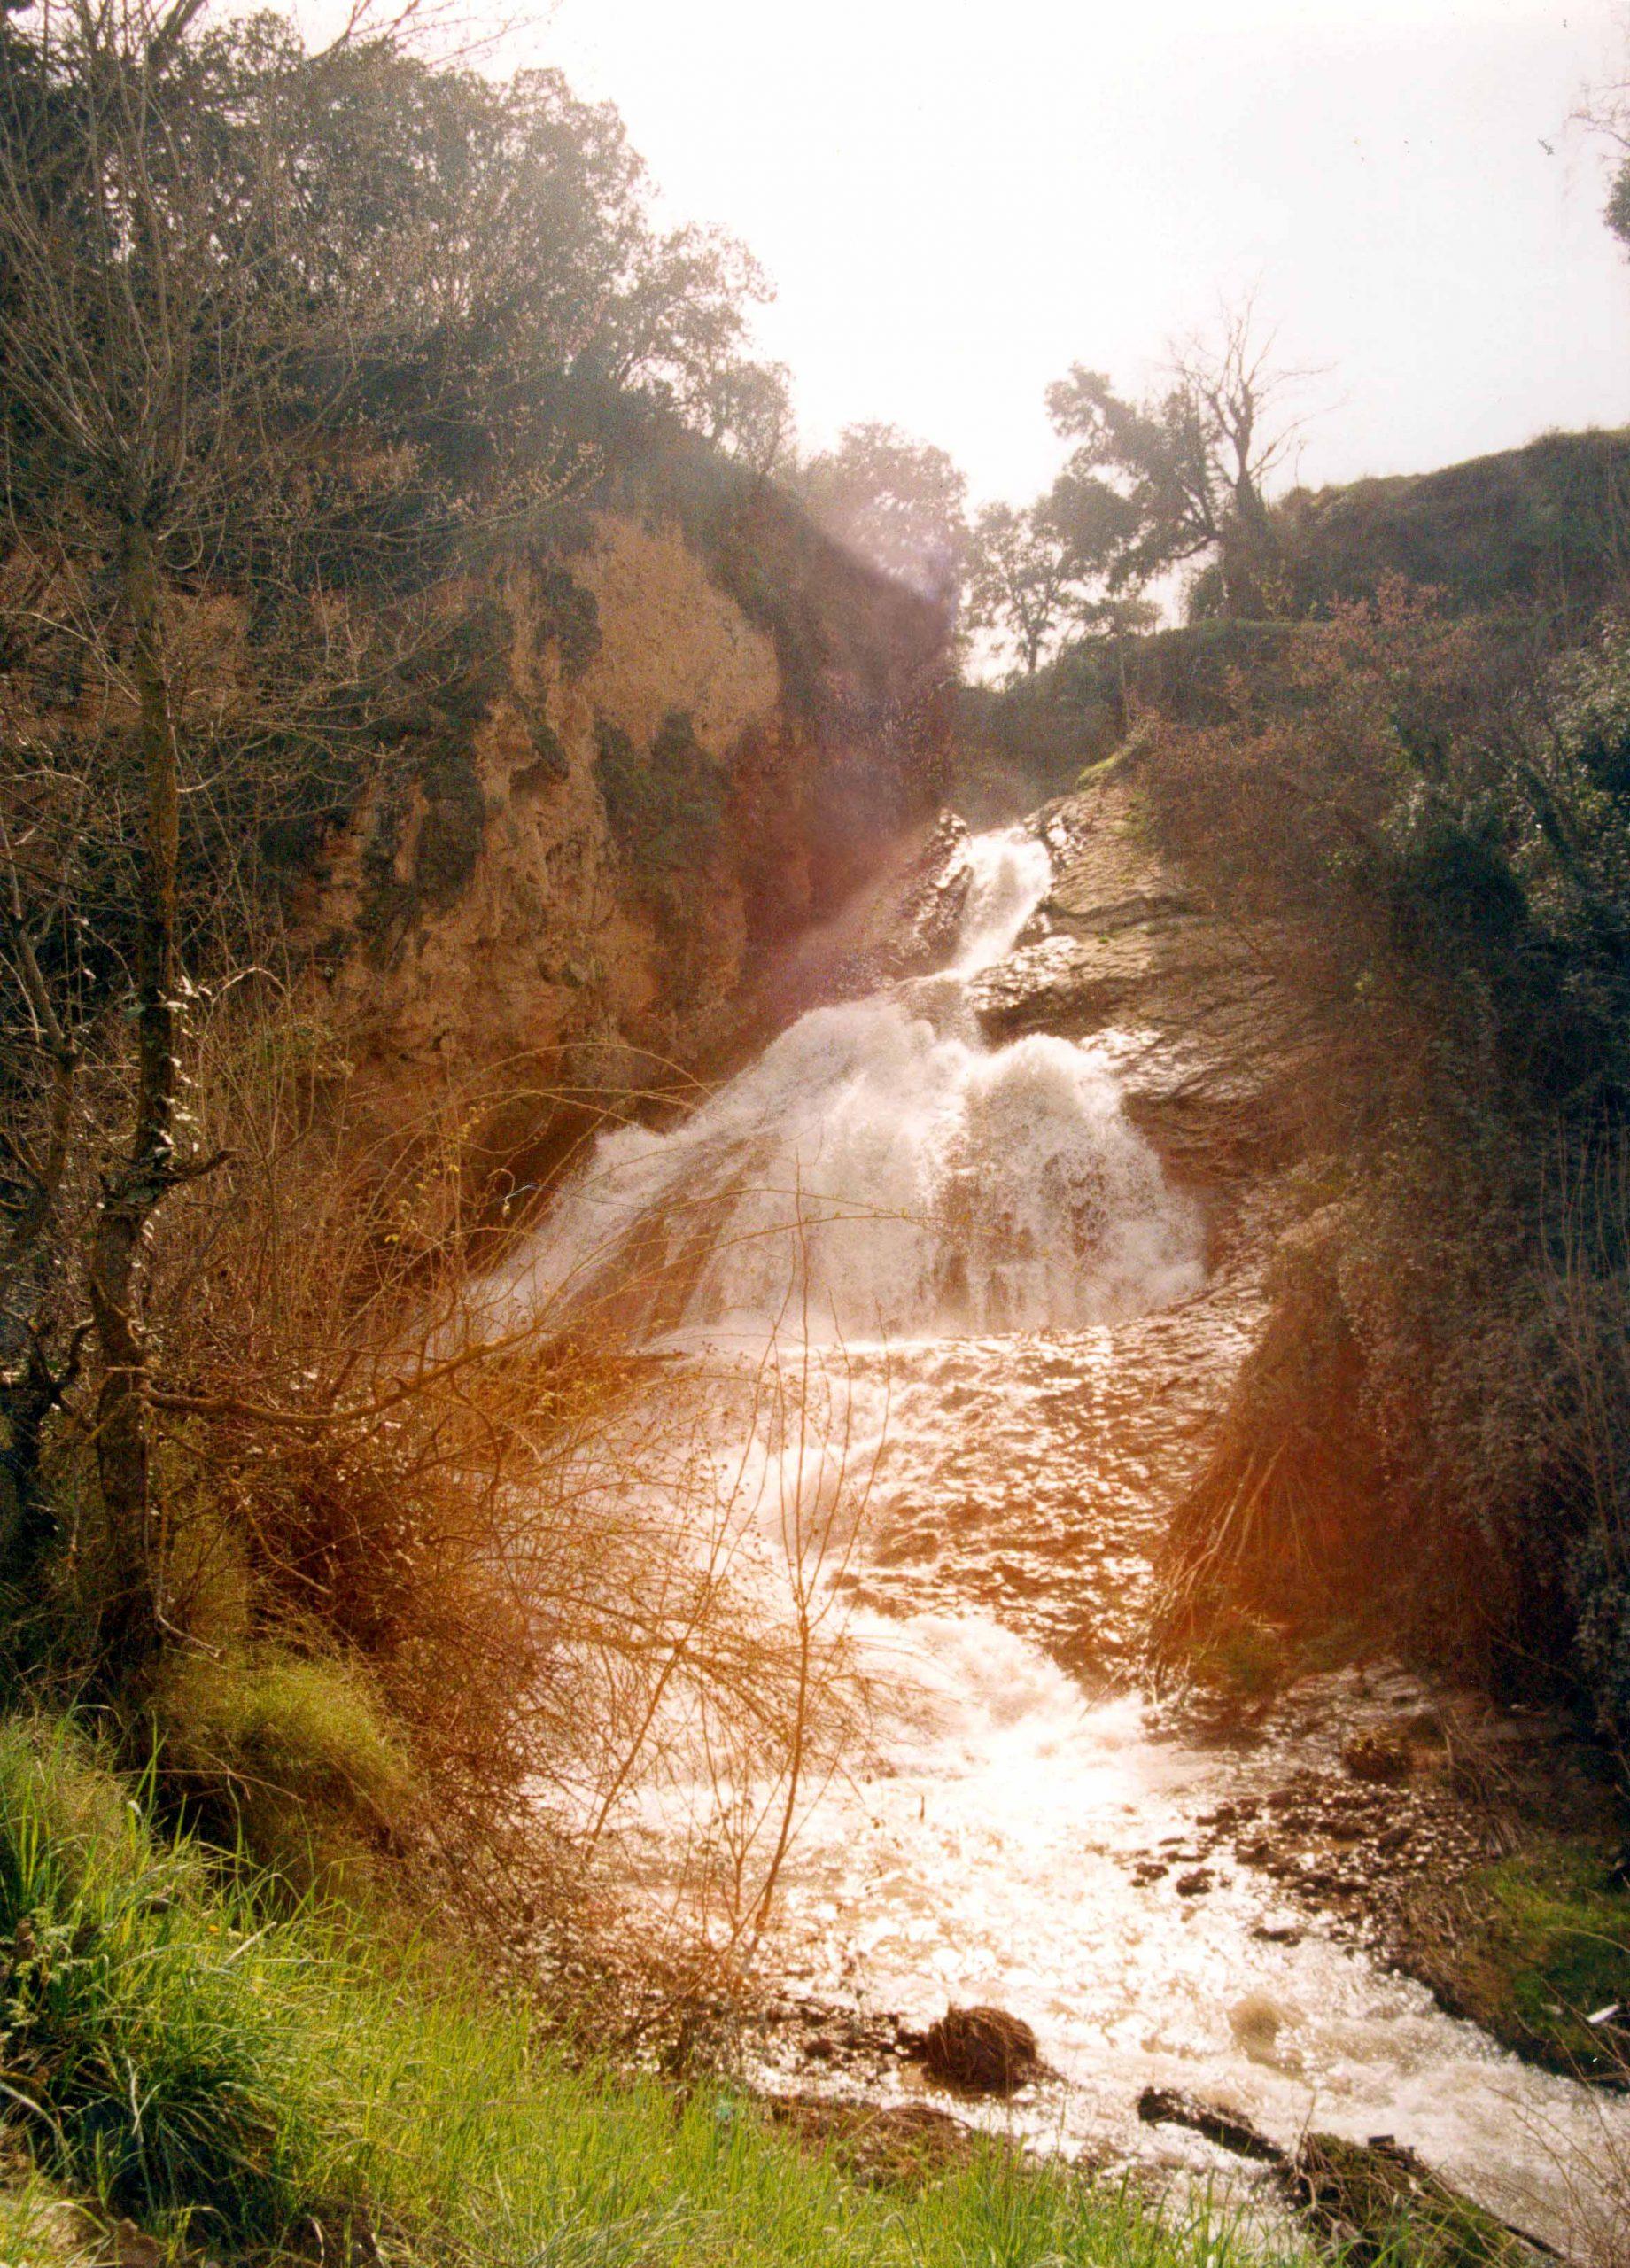 Río Caicena 1